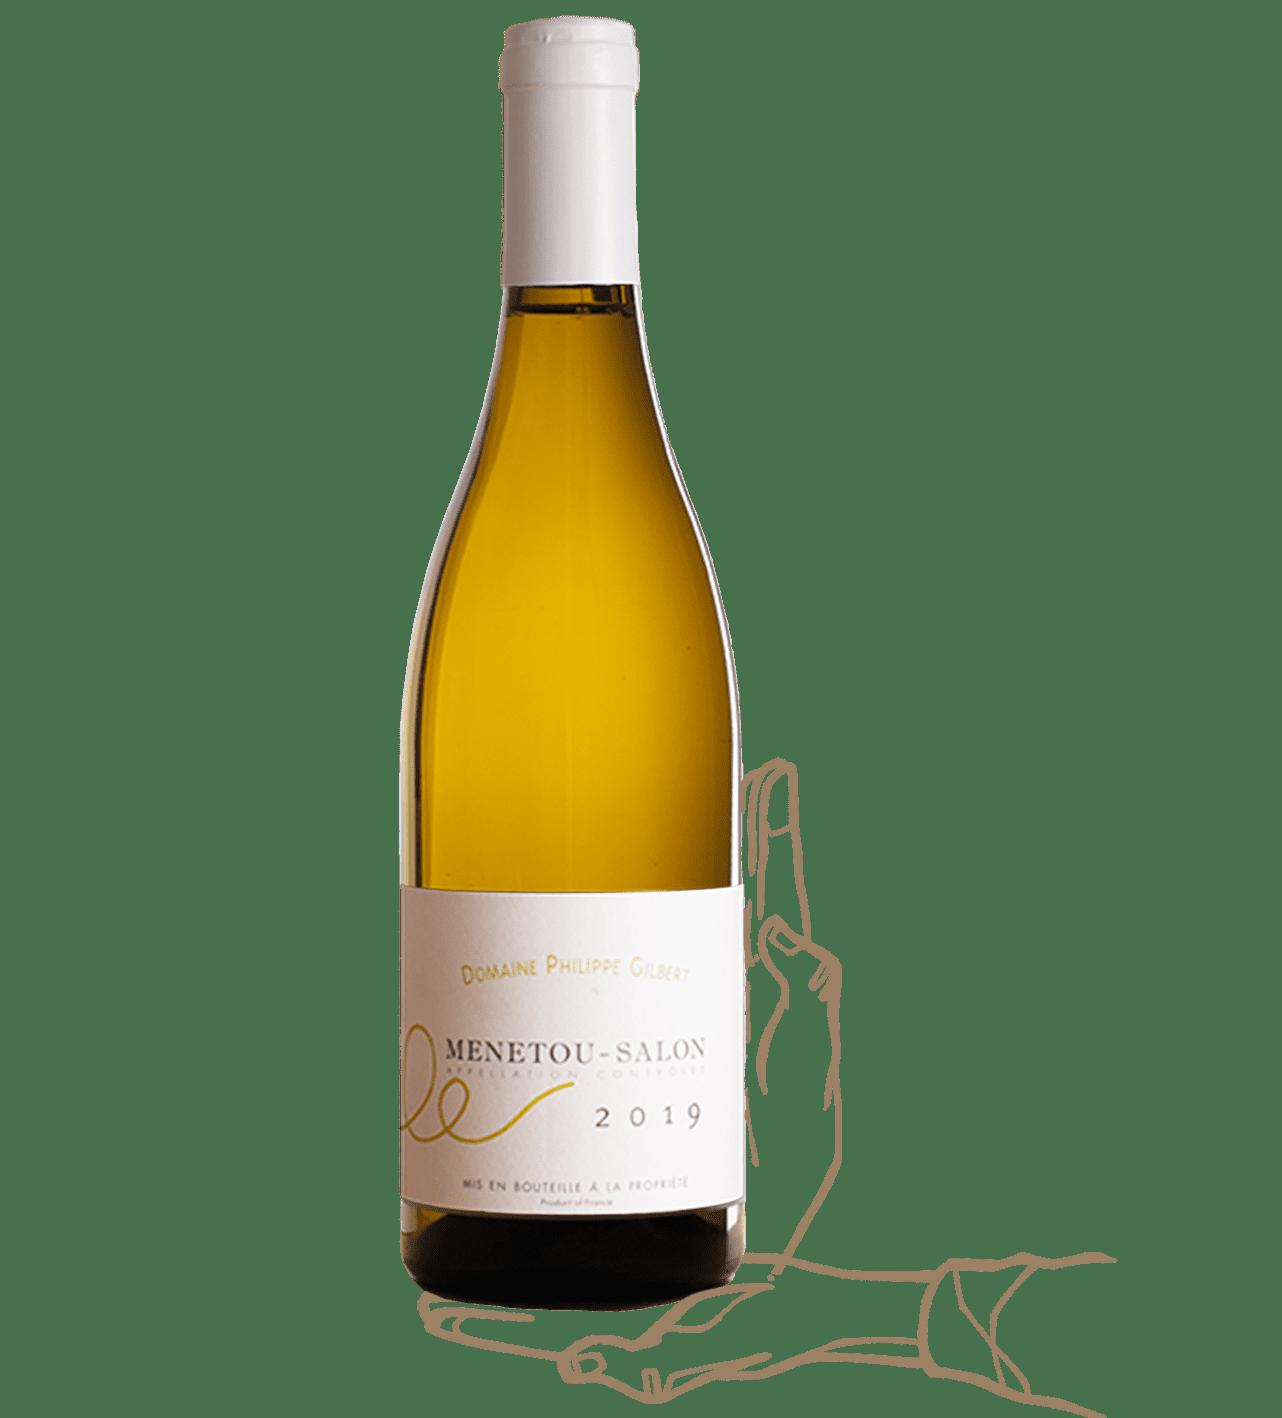 Menetou salon est un vin blanc naturel de loire